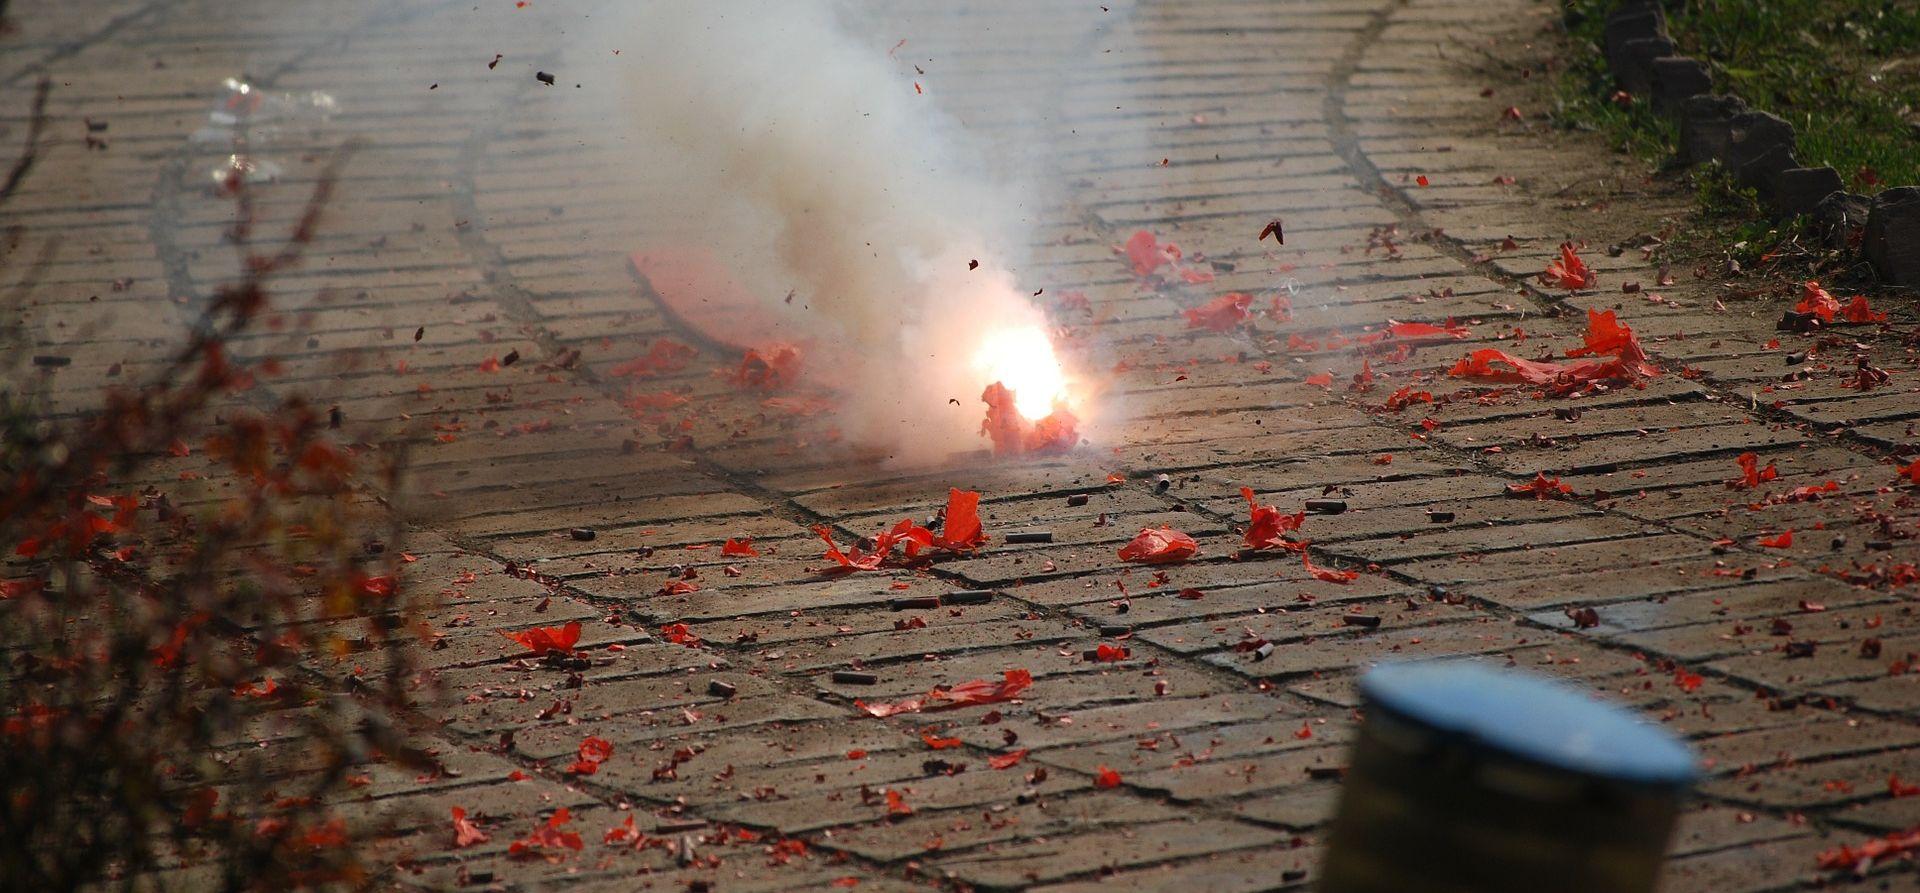 DOLAZI 'DOBA' PIROTEHNIKE Započinje akcija 'Mir i dobro'